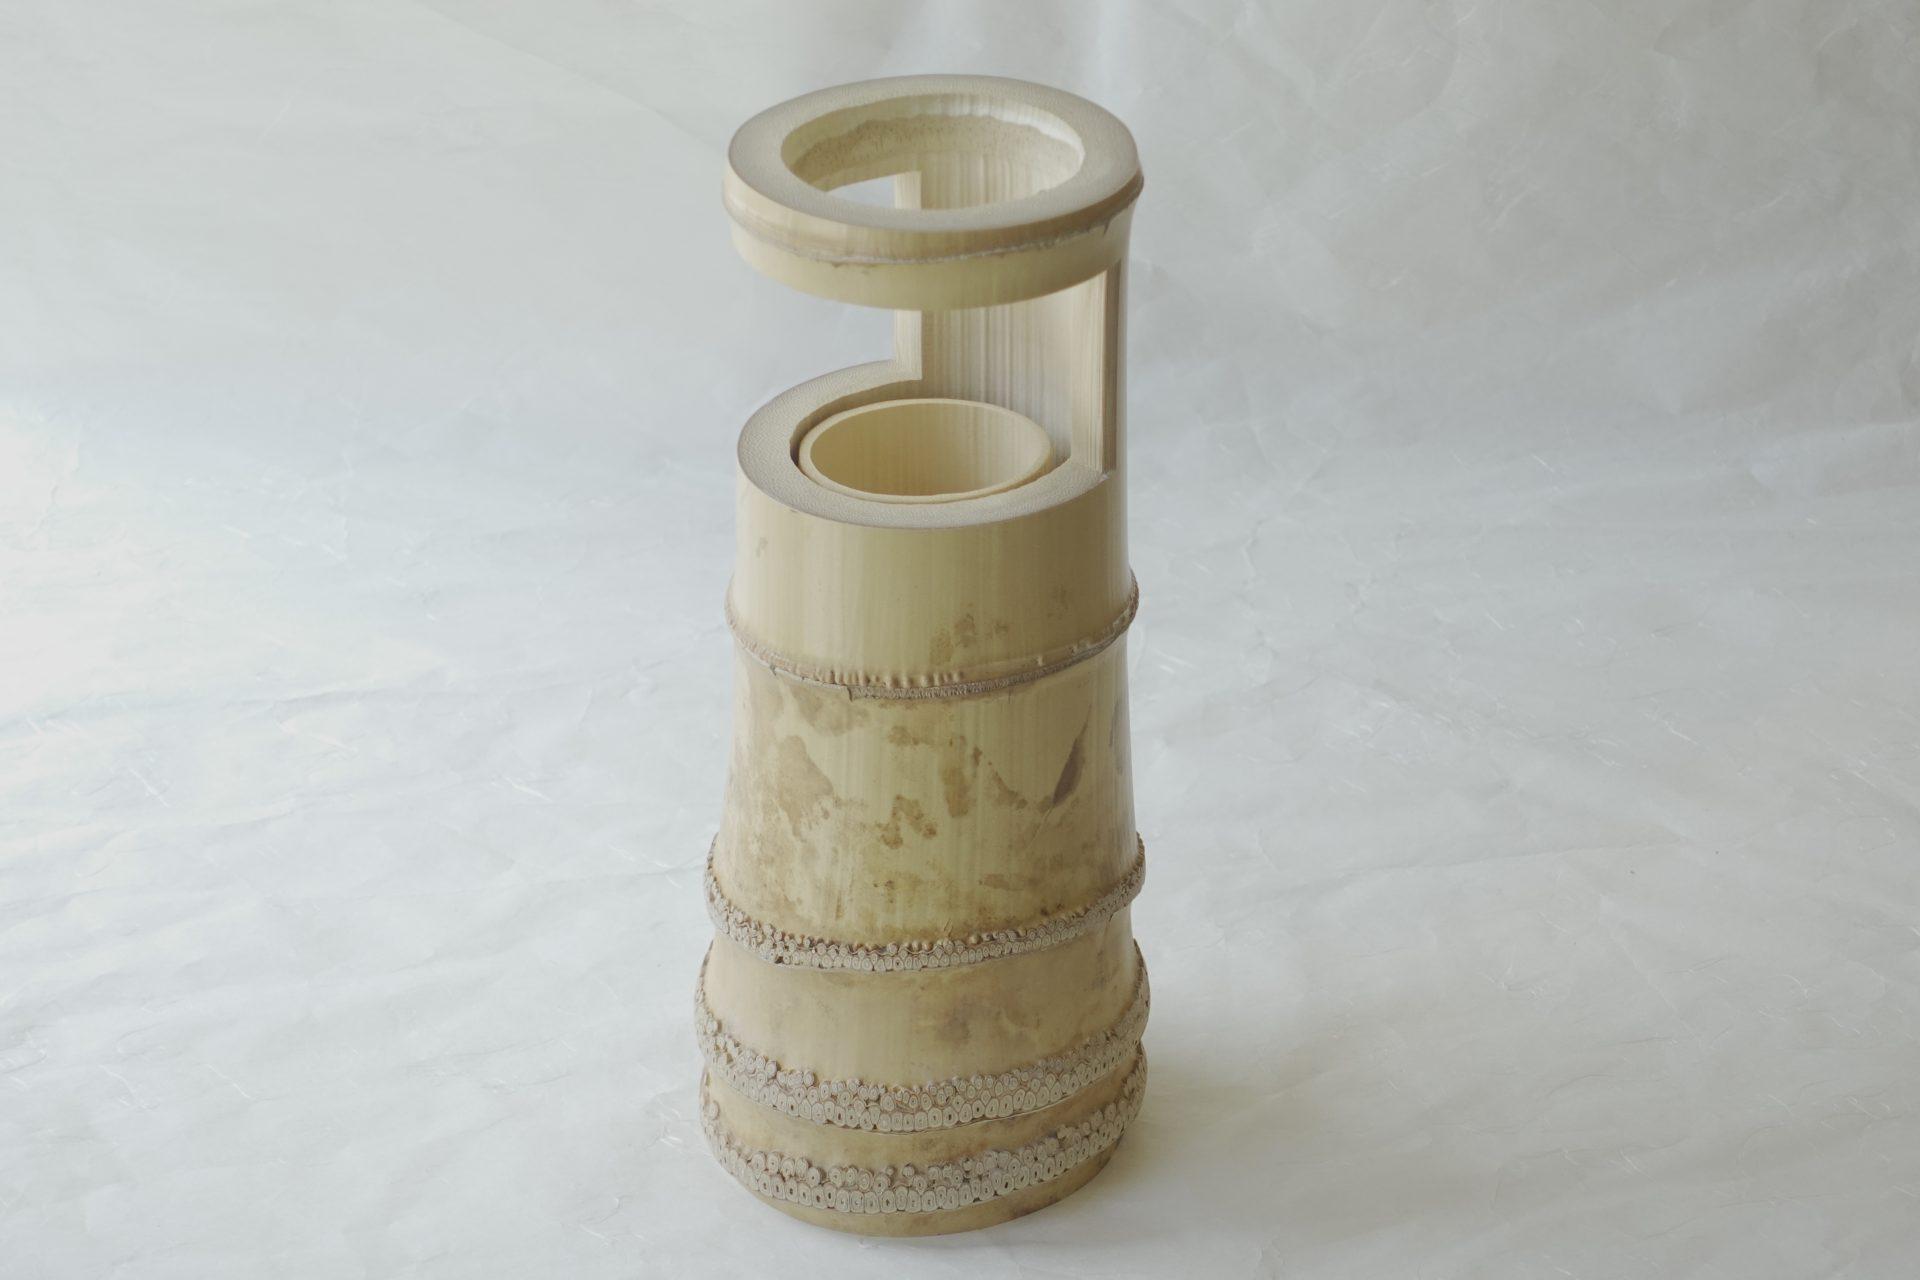 茶道具 茶の湯 茶道 漆器 竹寛 竹製 一重切 花入 掛け花 千利休 小田原 園城寺 同じ形 最も好んだ竹花入の形 白竹 侘びた風情 節 小さな玉 厳選された素材 竹製の筒